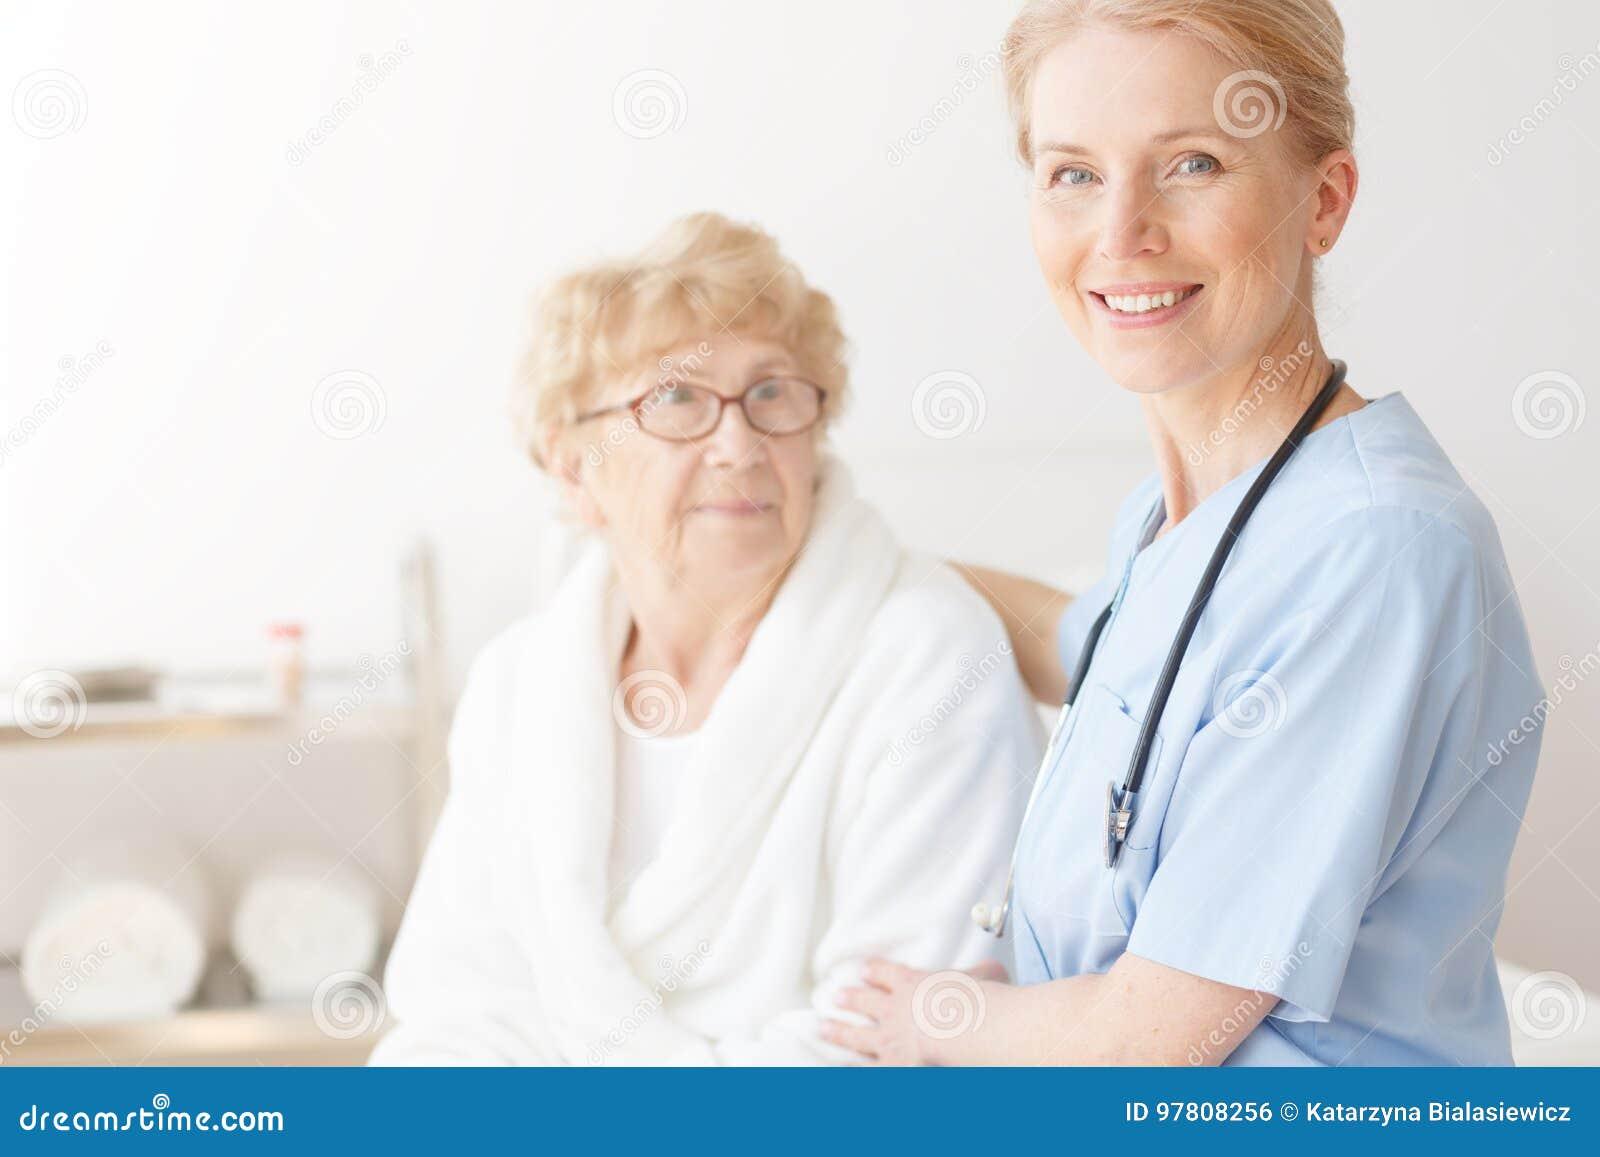 Hogere dame in huis met verpleegster